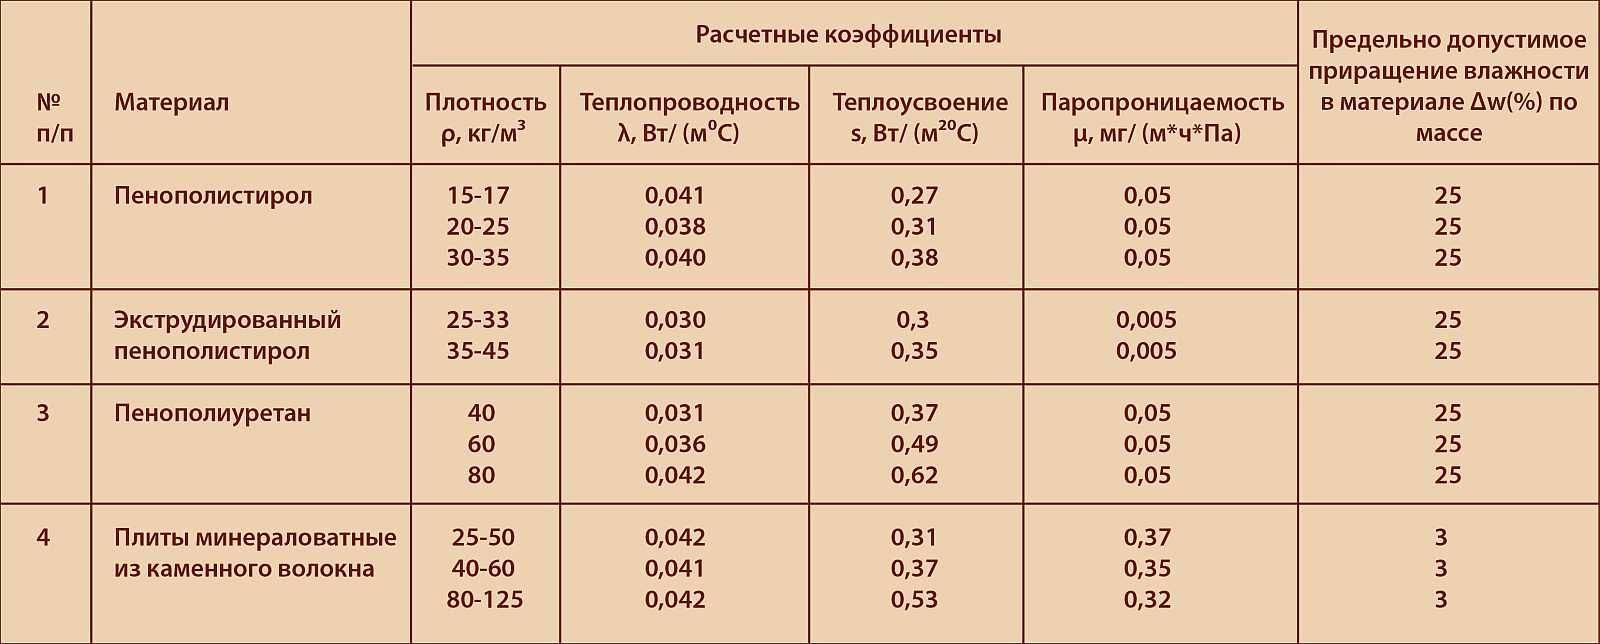 Пенопласт как утеплитель: теплоизоляционные свойства, технические характеристики, вреден ли он